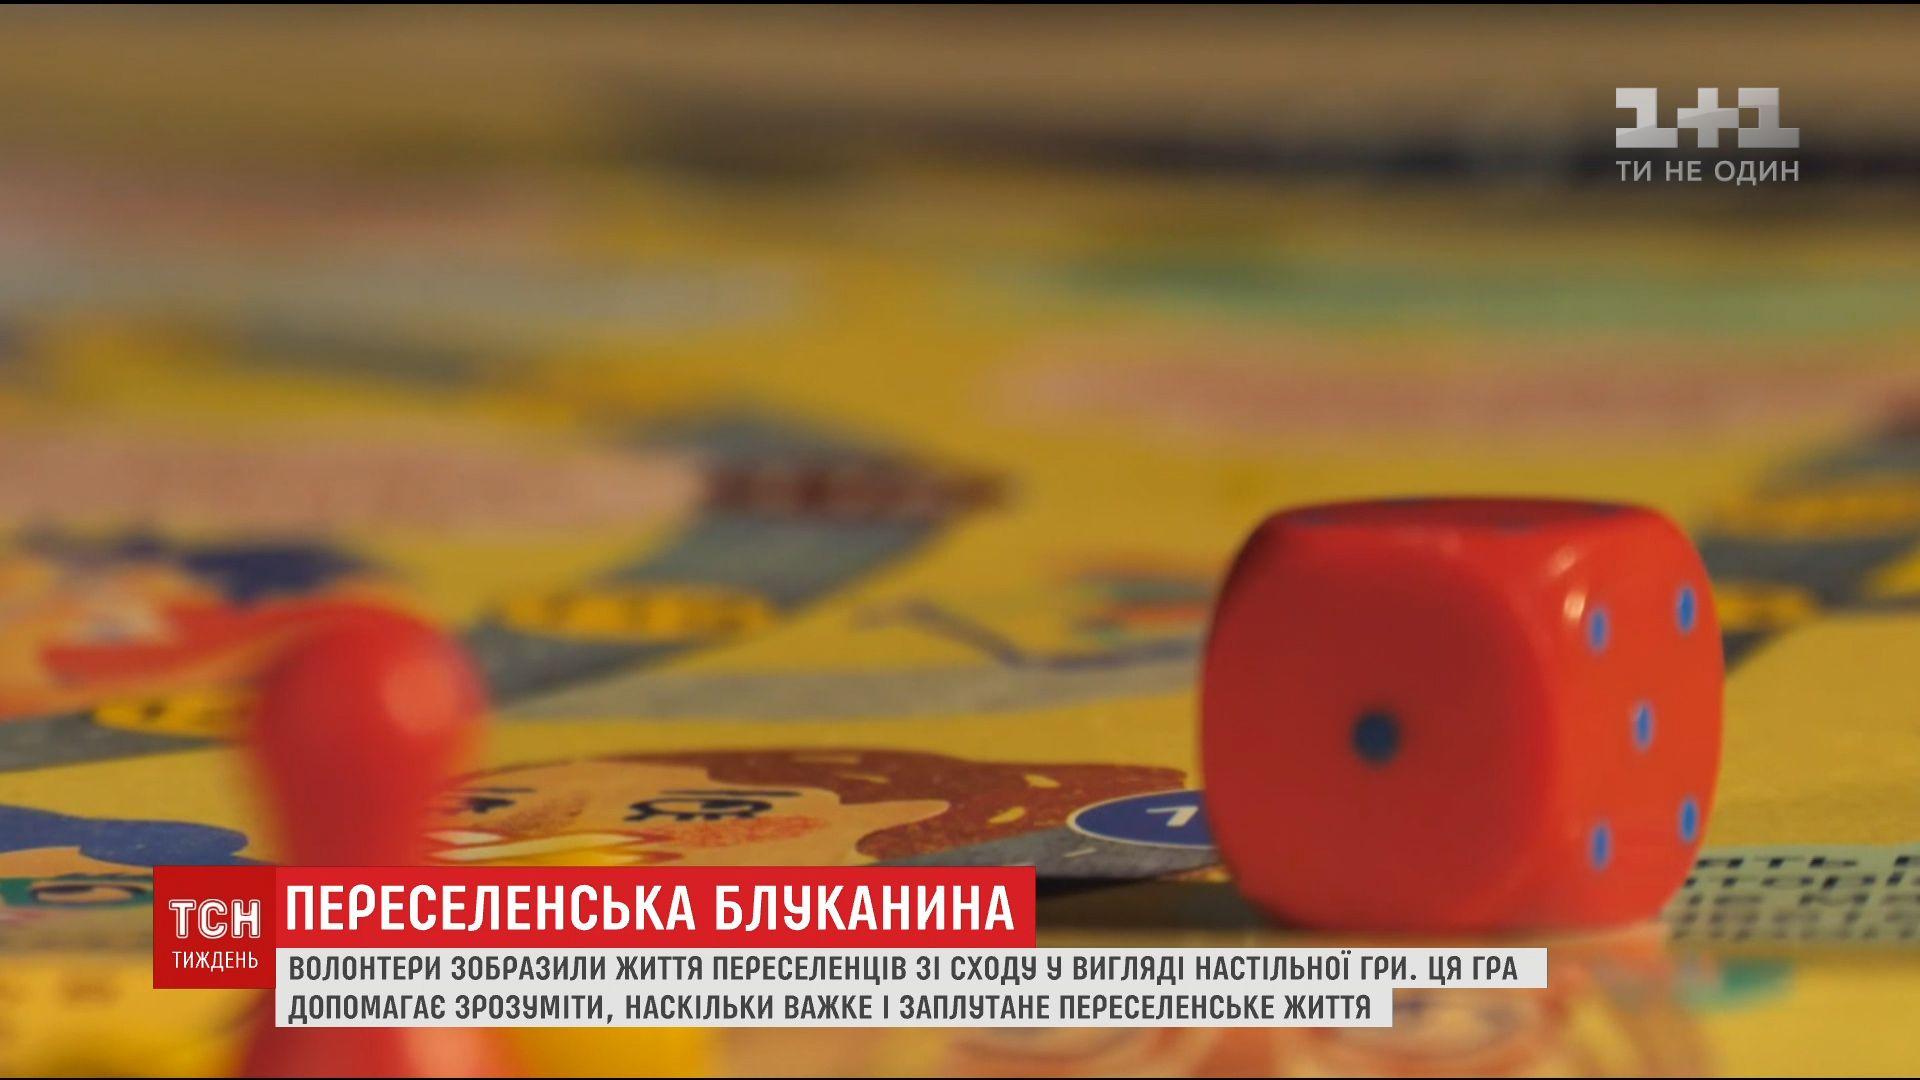 В Украине создан скандальную настольную игру про бывших жителей Донбасса / Скриншот видео ТСН